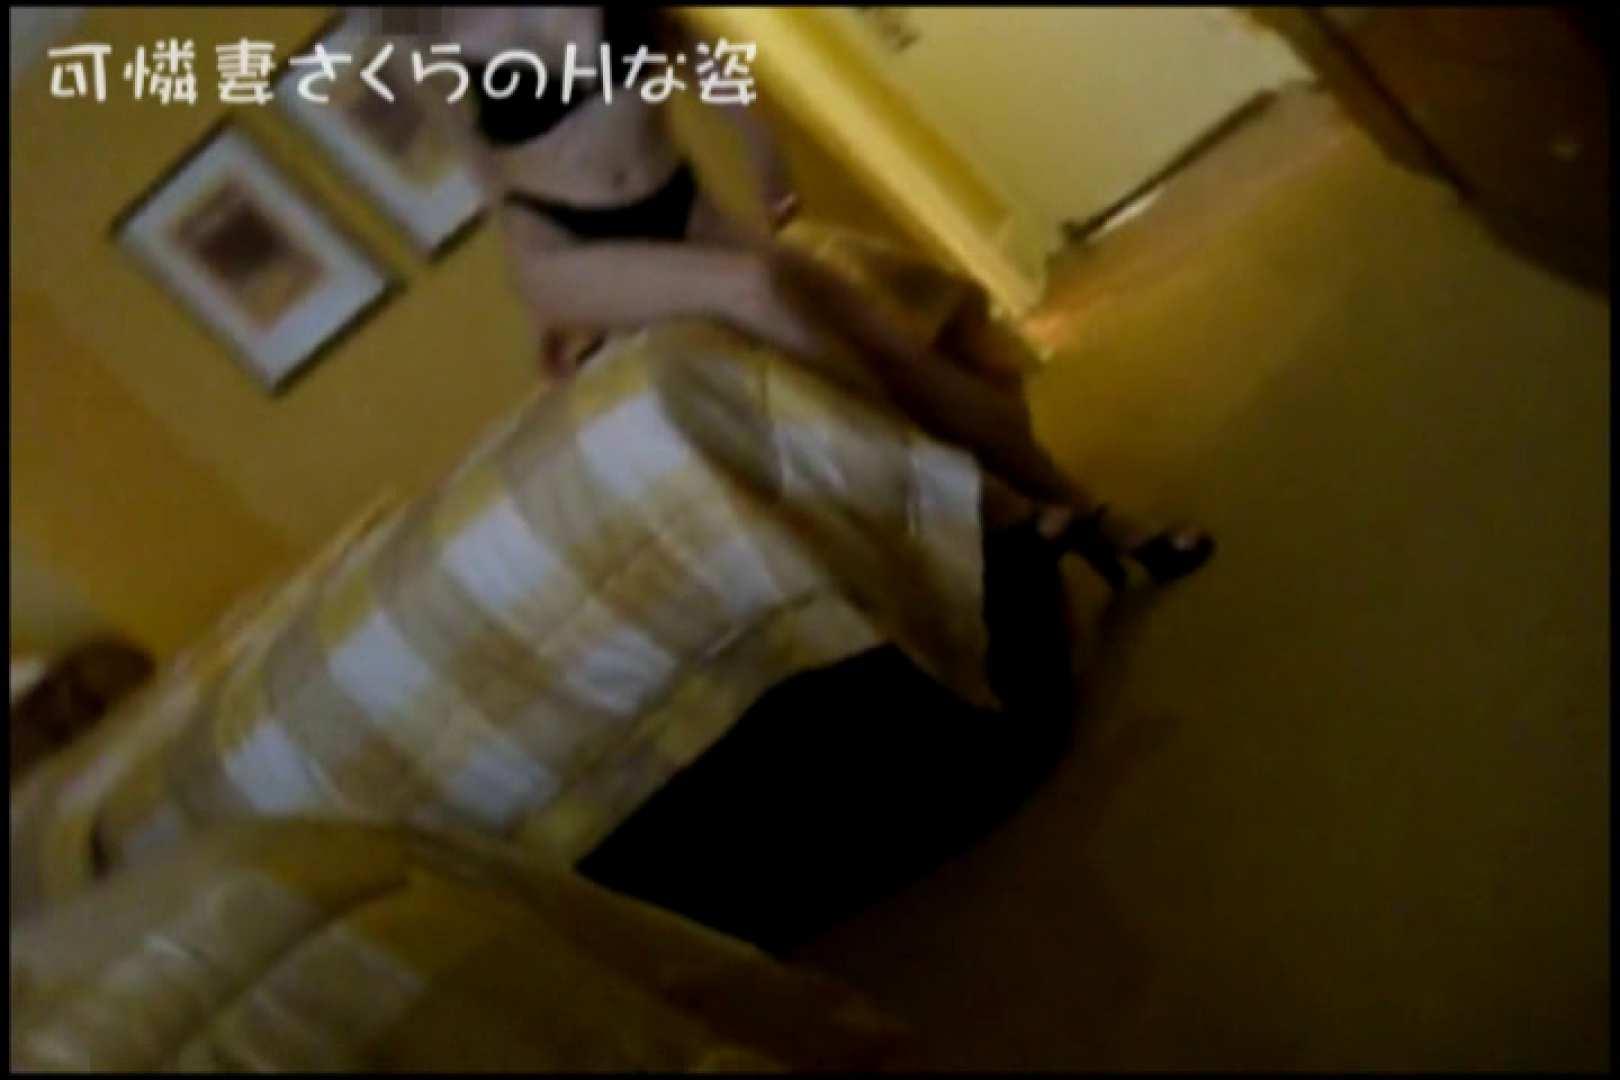 可憐妻さくらのHな姿vol.9前編 セックス ワレメ動画紹介 76pic 2